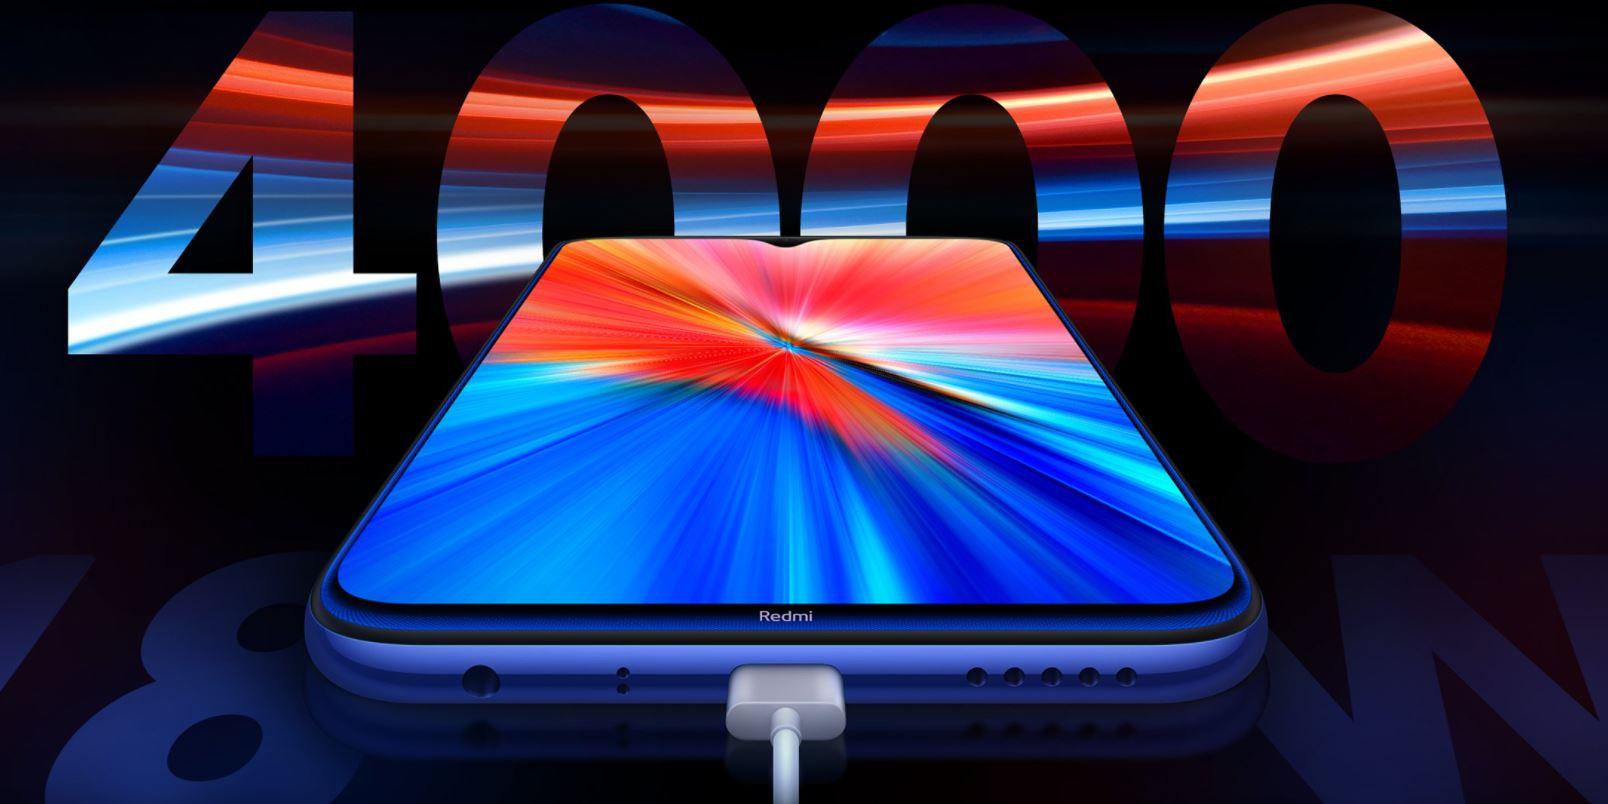 El Redmi Note 8 2021 ya está aquí y lo puedes comprar desde solo 124 euros. Noticias Xiaomi Adictos